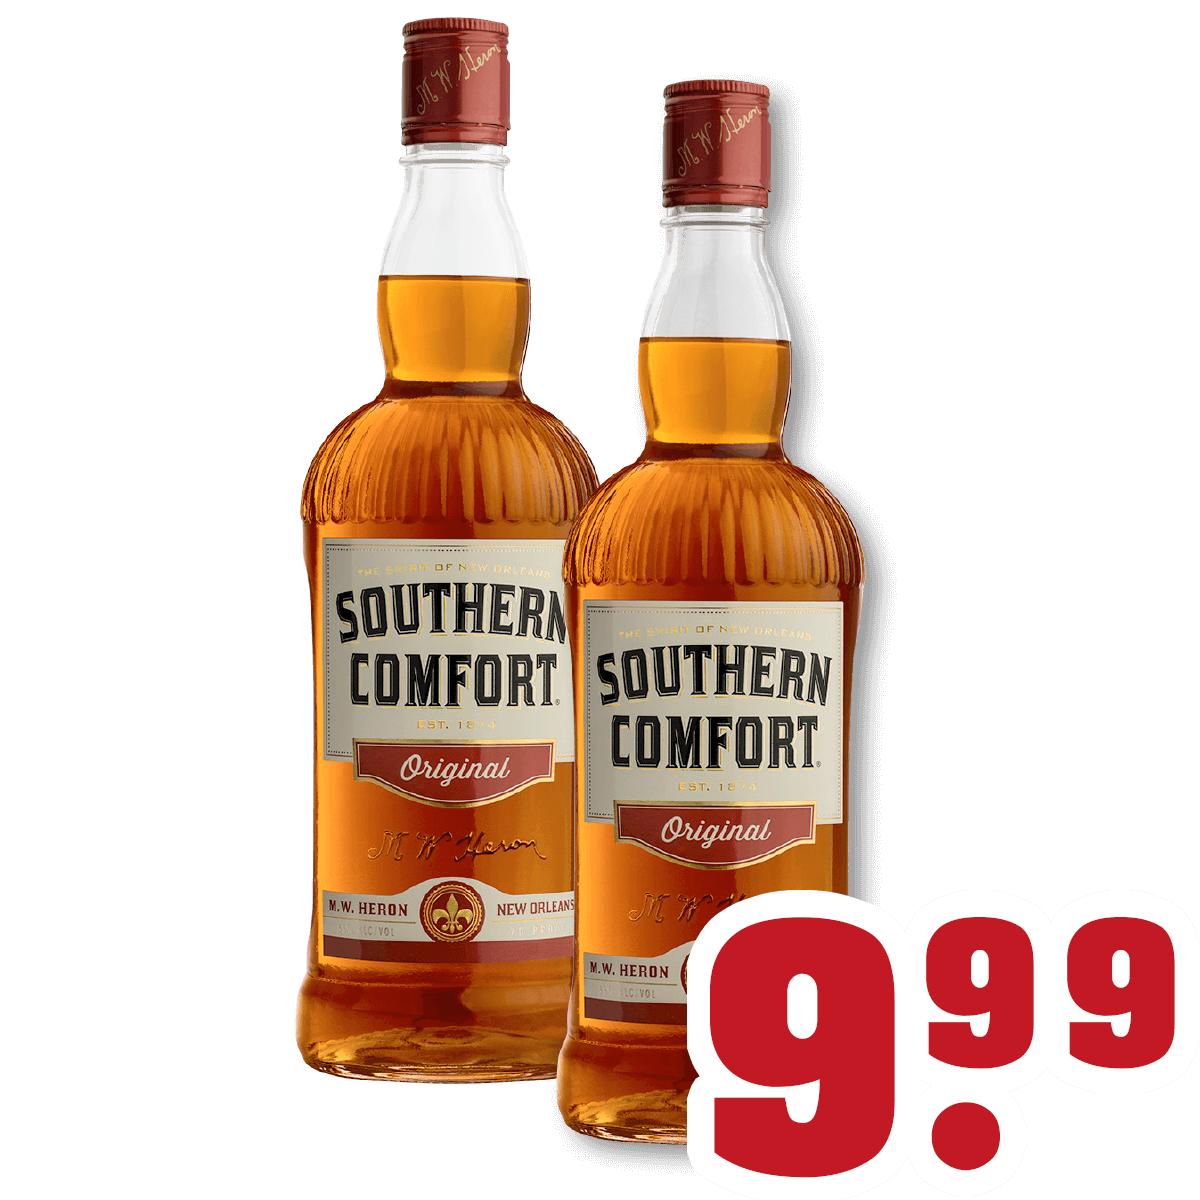 [Trinkgut] Southern Comfort 0,7l